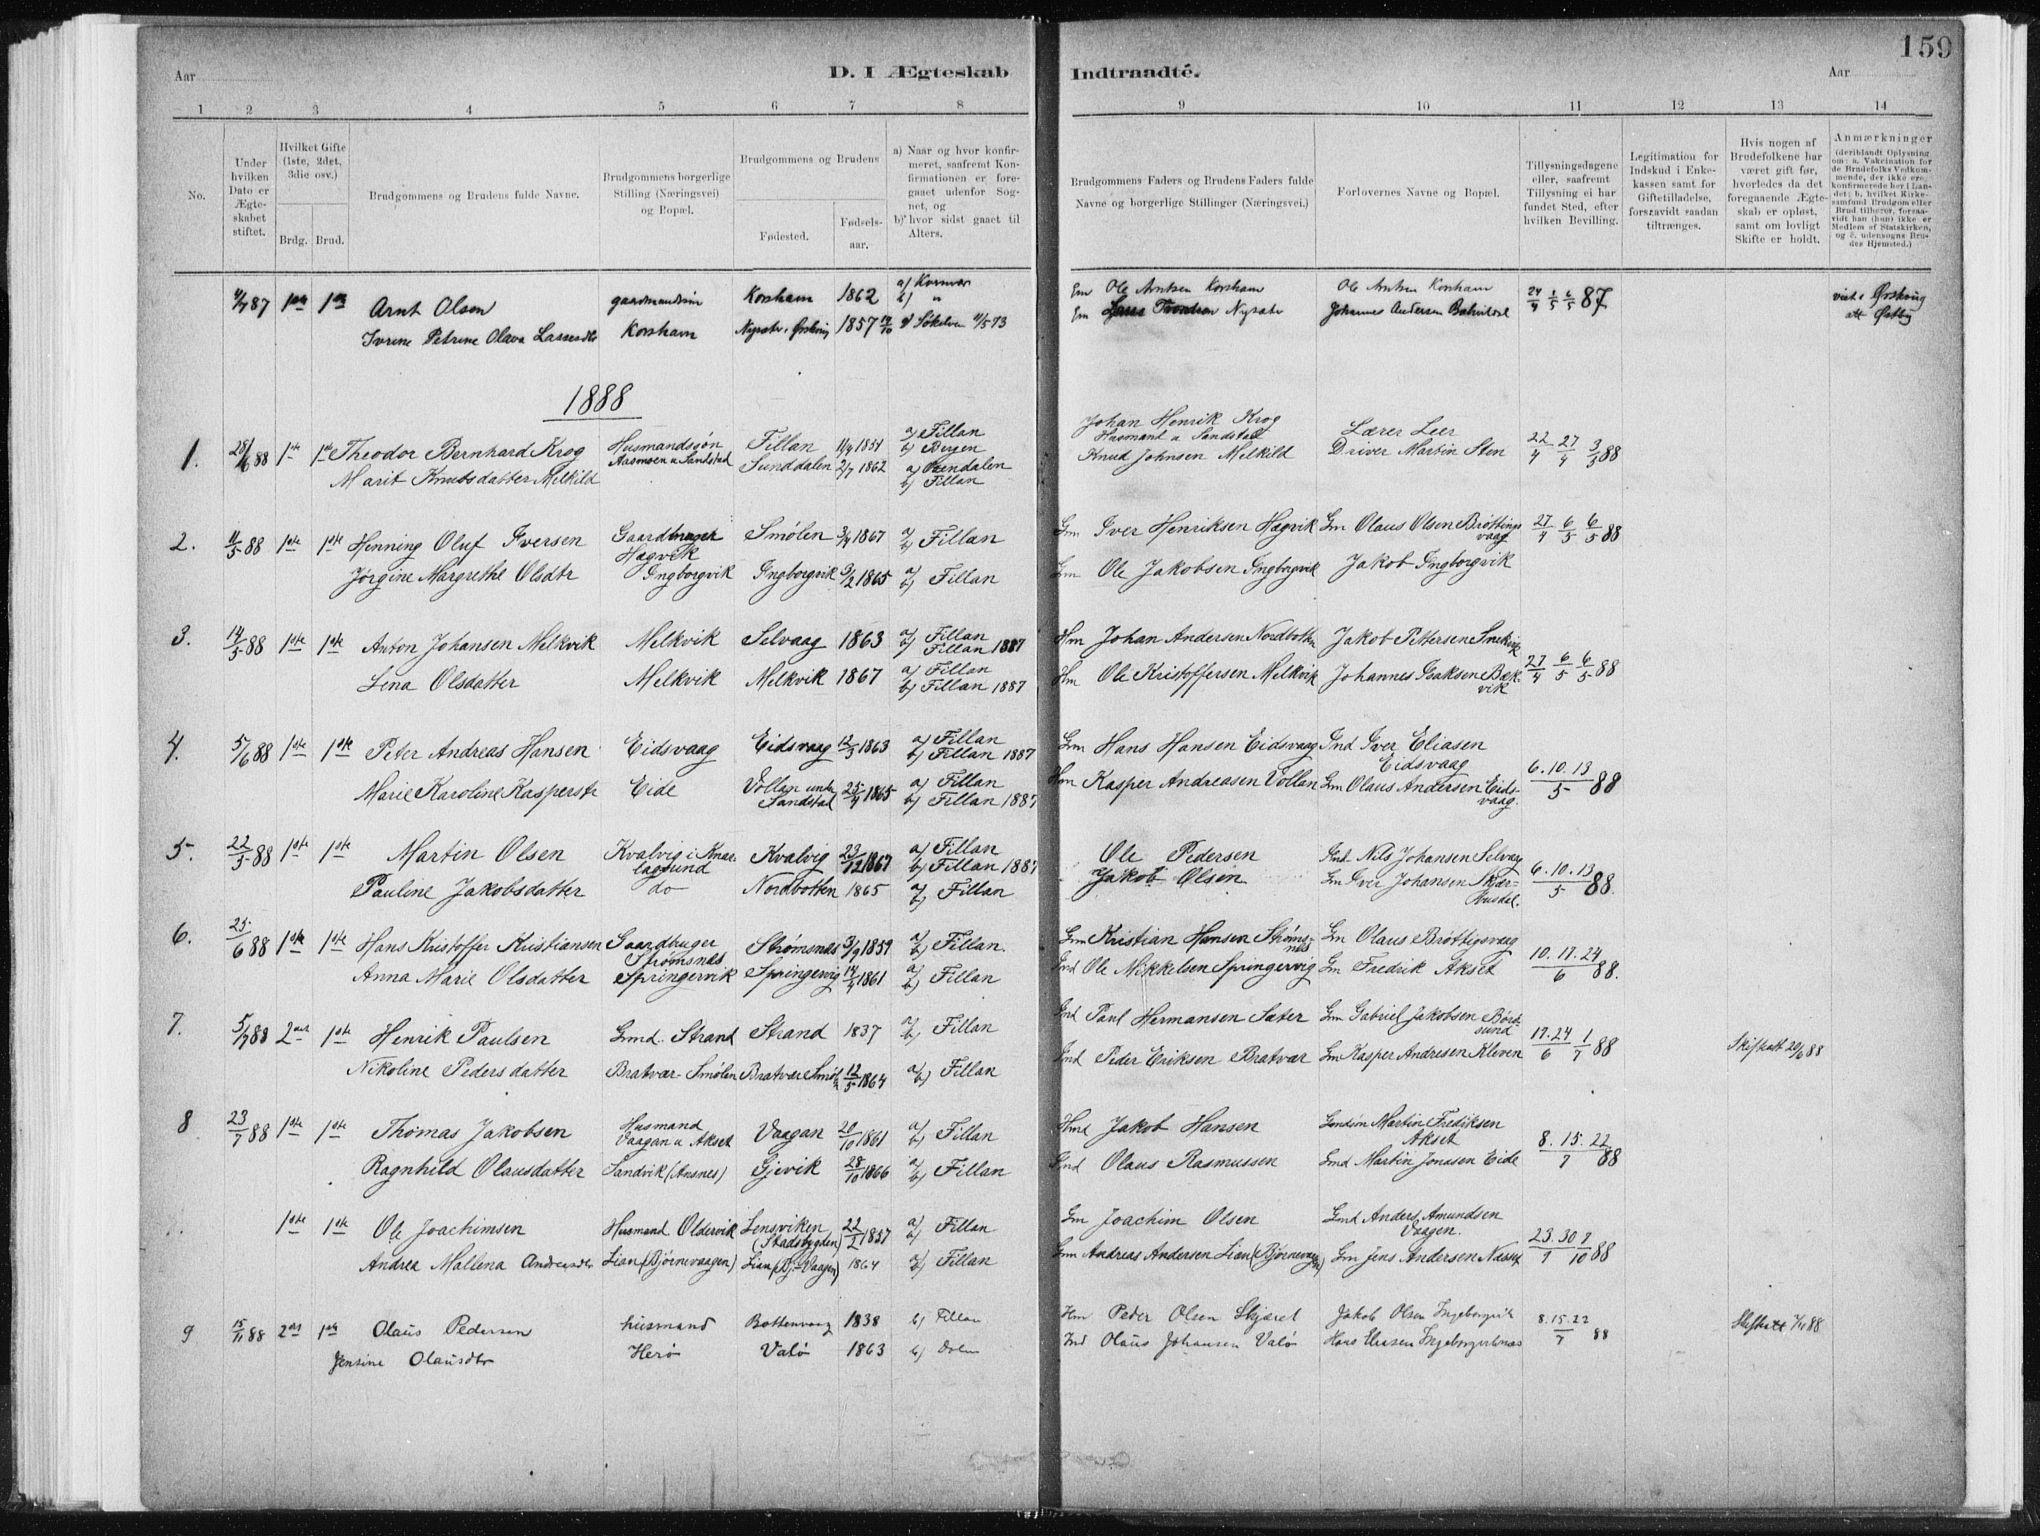 SAT, Ministerialprotokoller, klokkerbøker og fødselsregistre - Sør-Trøndelag, 637/L0558: Ministerialbok nr. 637A01, 1882-1899, s. 159